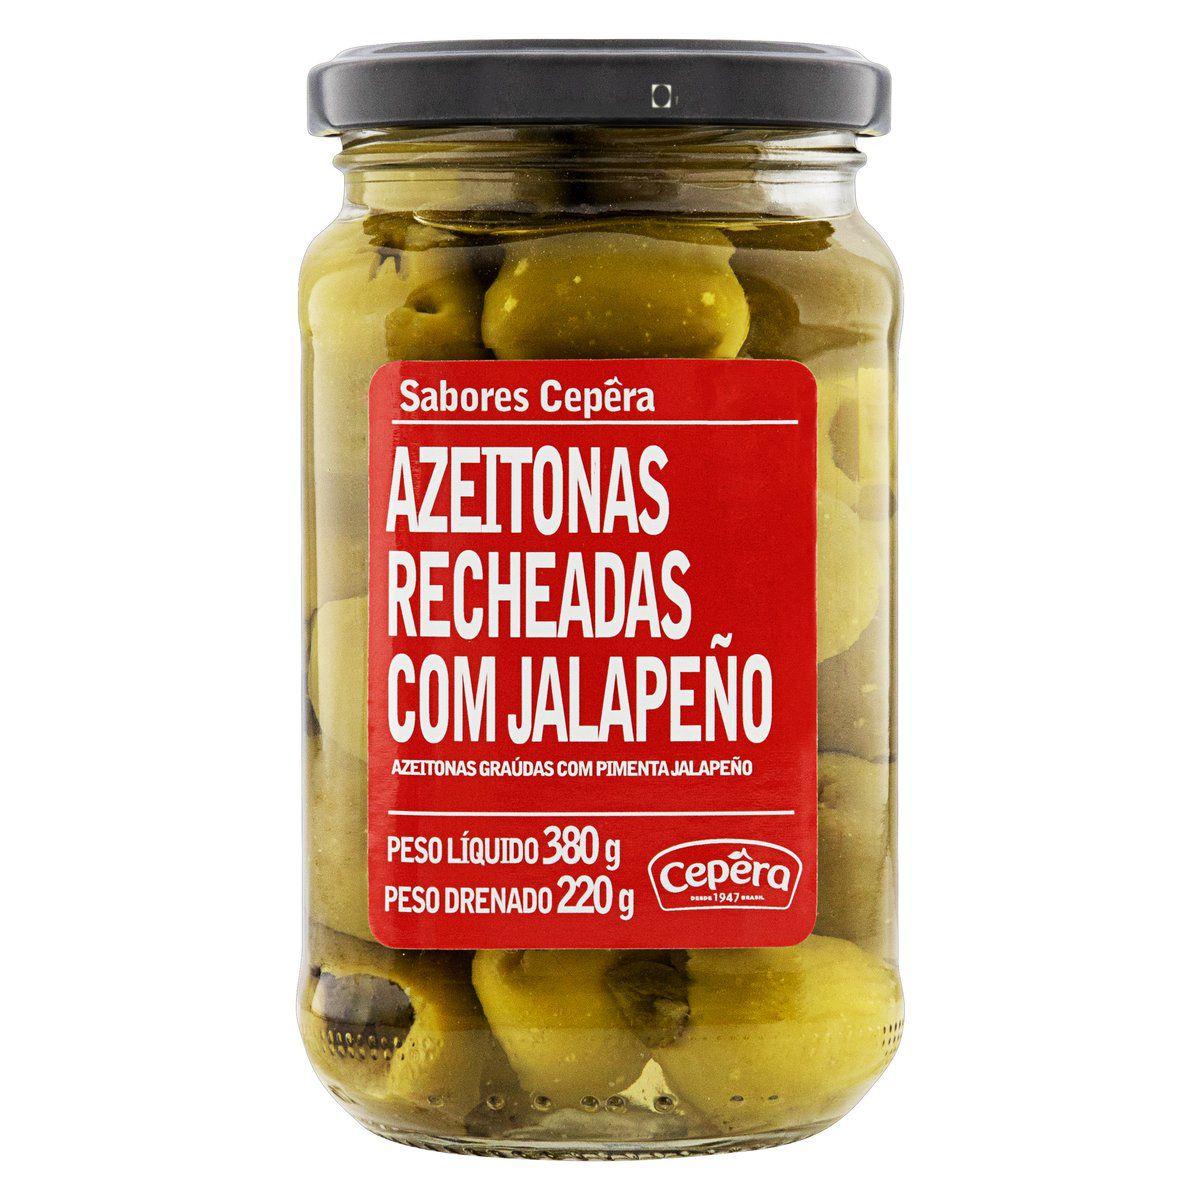 Azeitonas Recheadas Jalapeño 220g